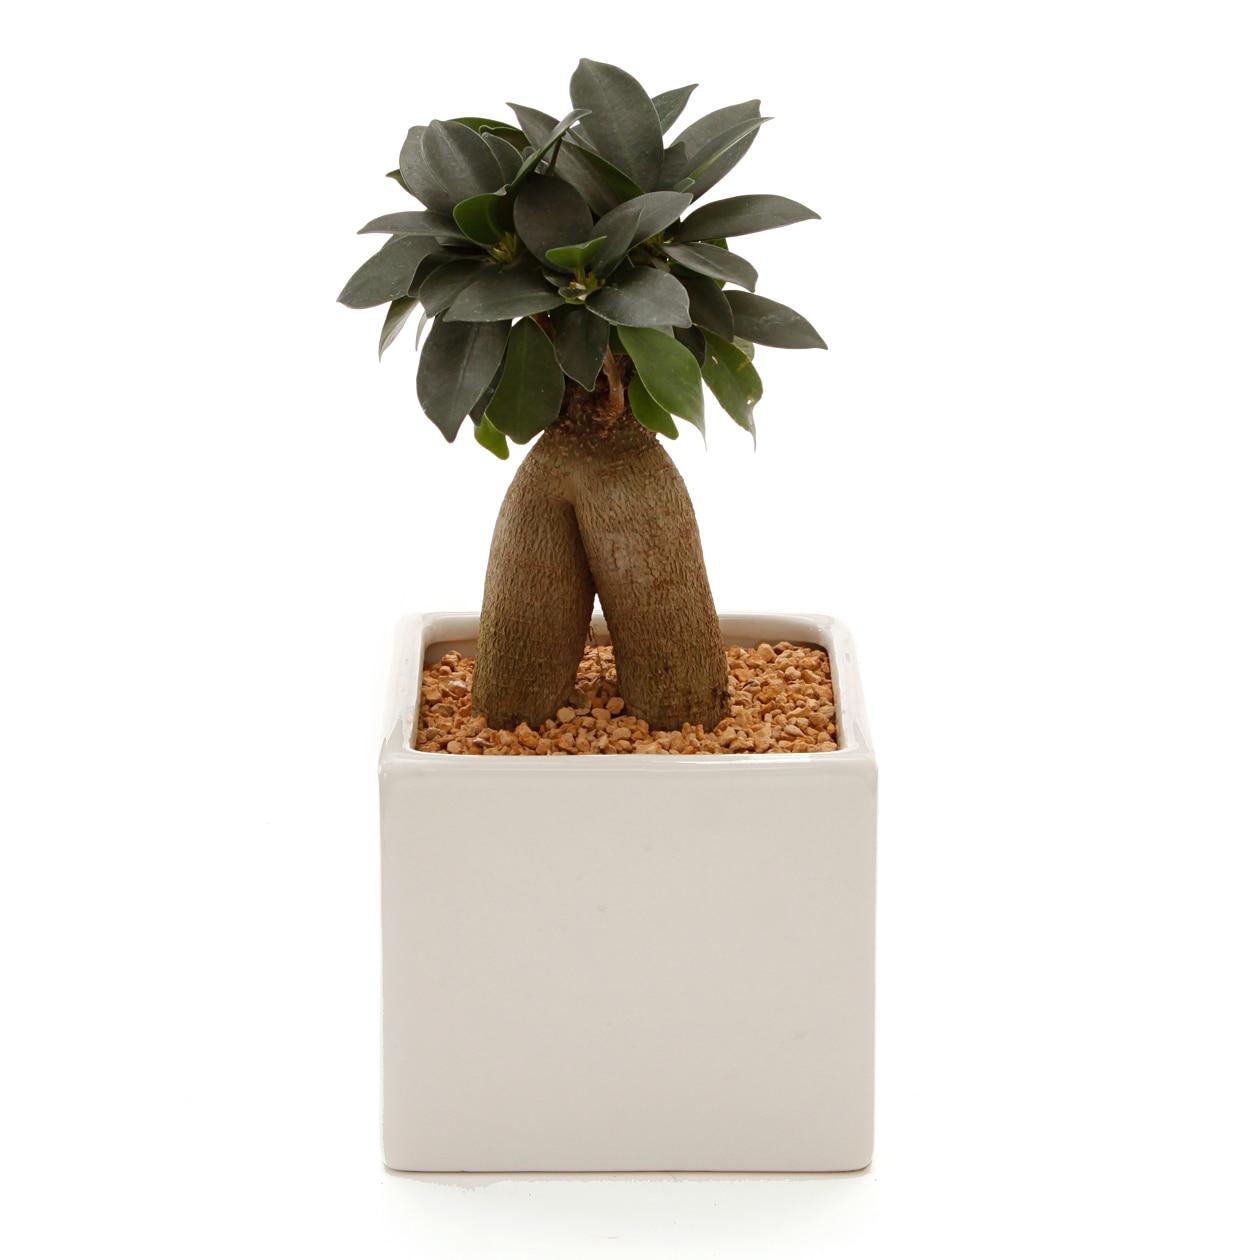 【ネット限定】リサイクルテラコッタに植えた観葉植物 ガジュマルの写真